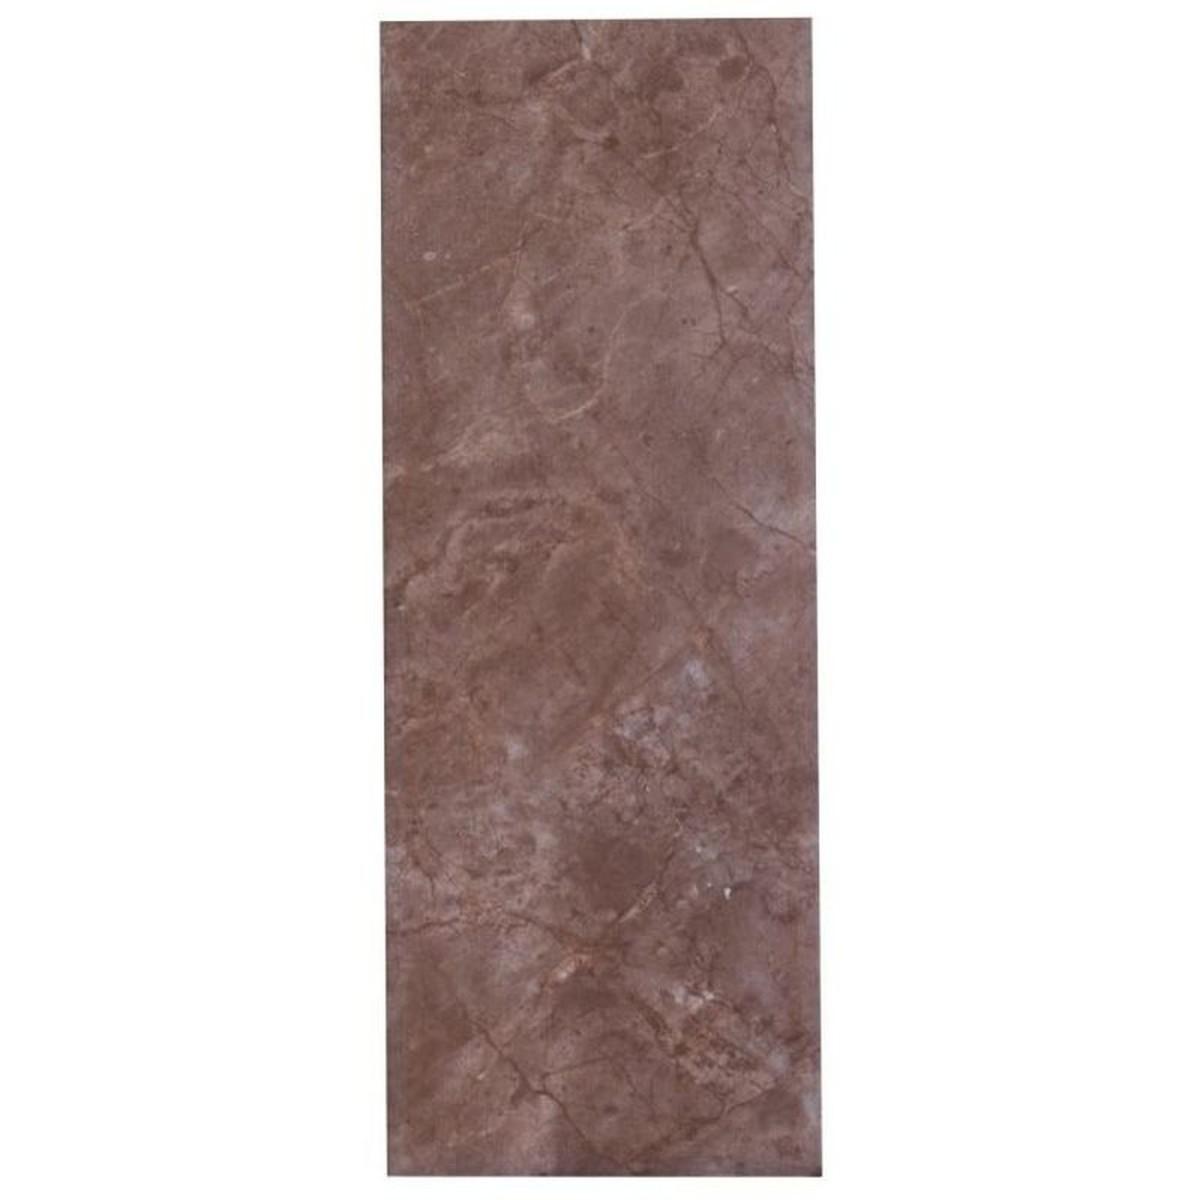 Плитка настенная Льюис цвет коричневый 15х40 см 132 м2